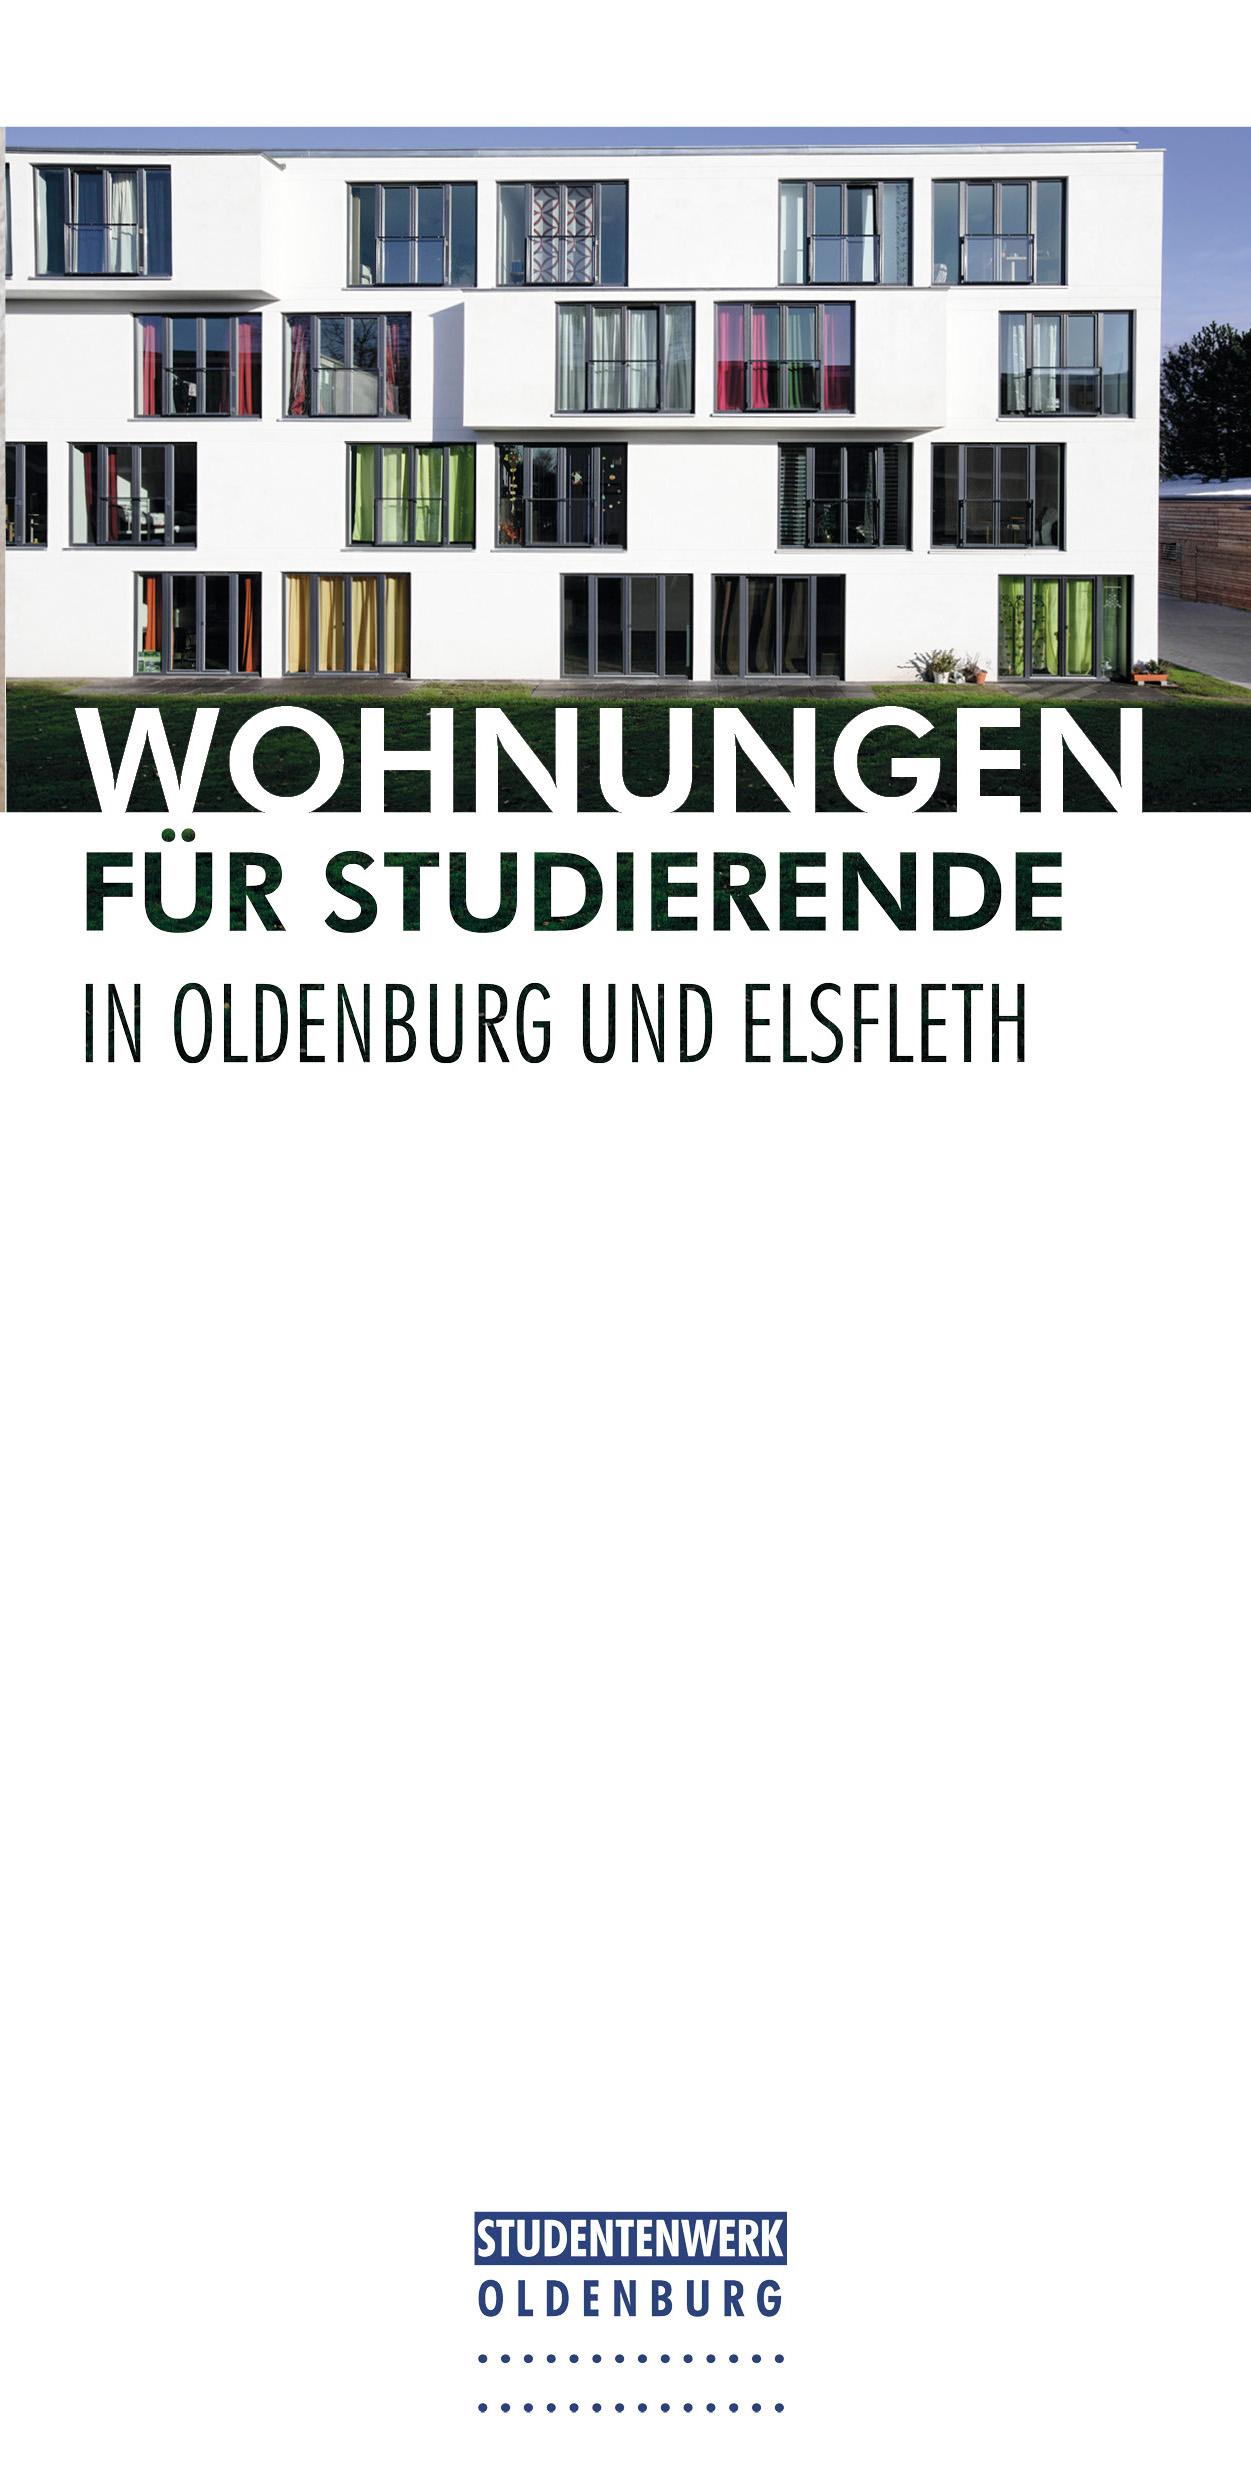 Wohnen in Oldenburg und Elsfleth